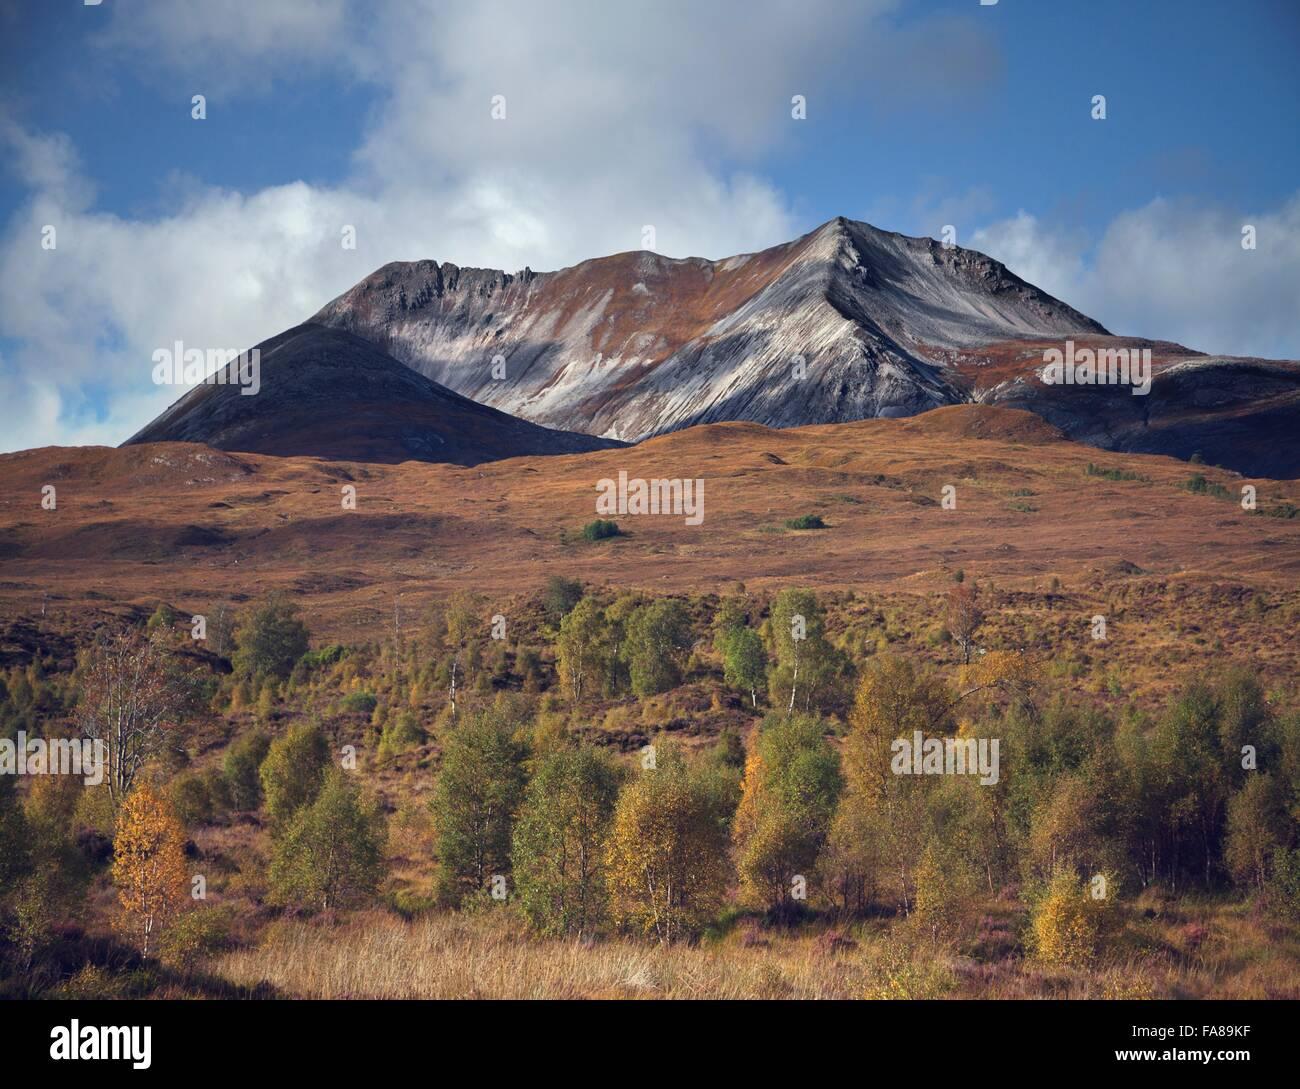 Zona de bosques y montañas dentadas, Highland, Escocia Foto de stock